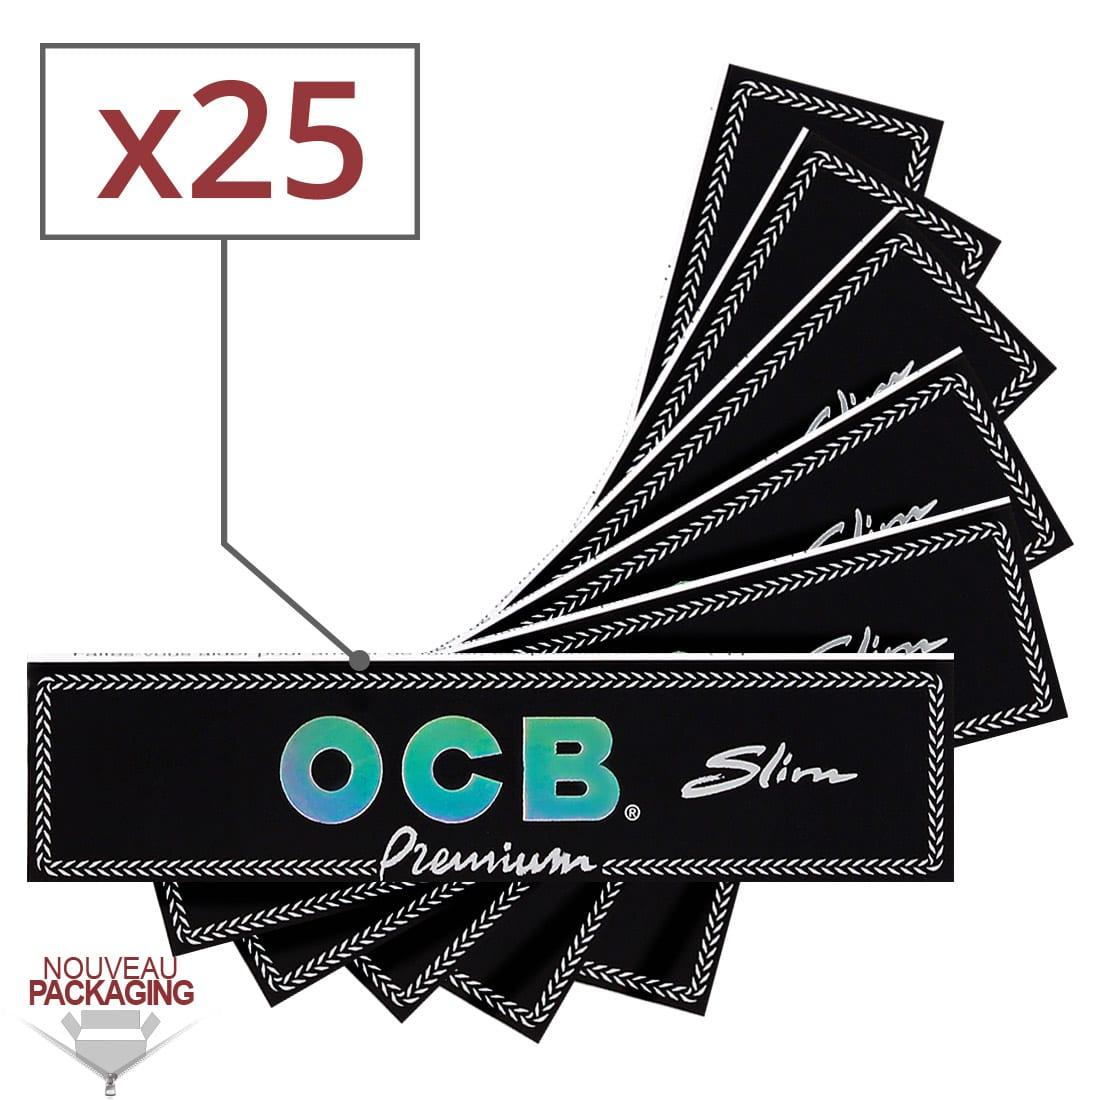 Photo de Papier à rouler OCB Slim Premium x 25